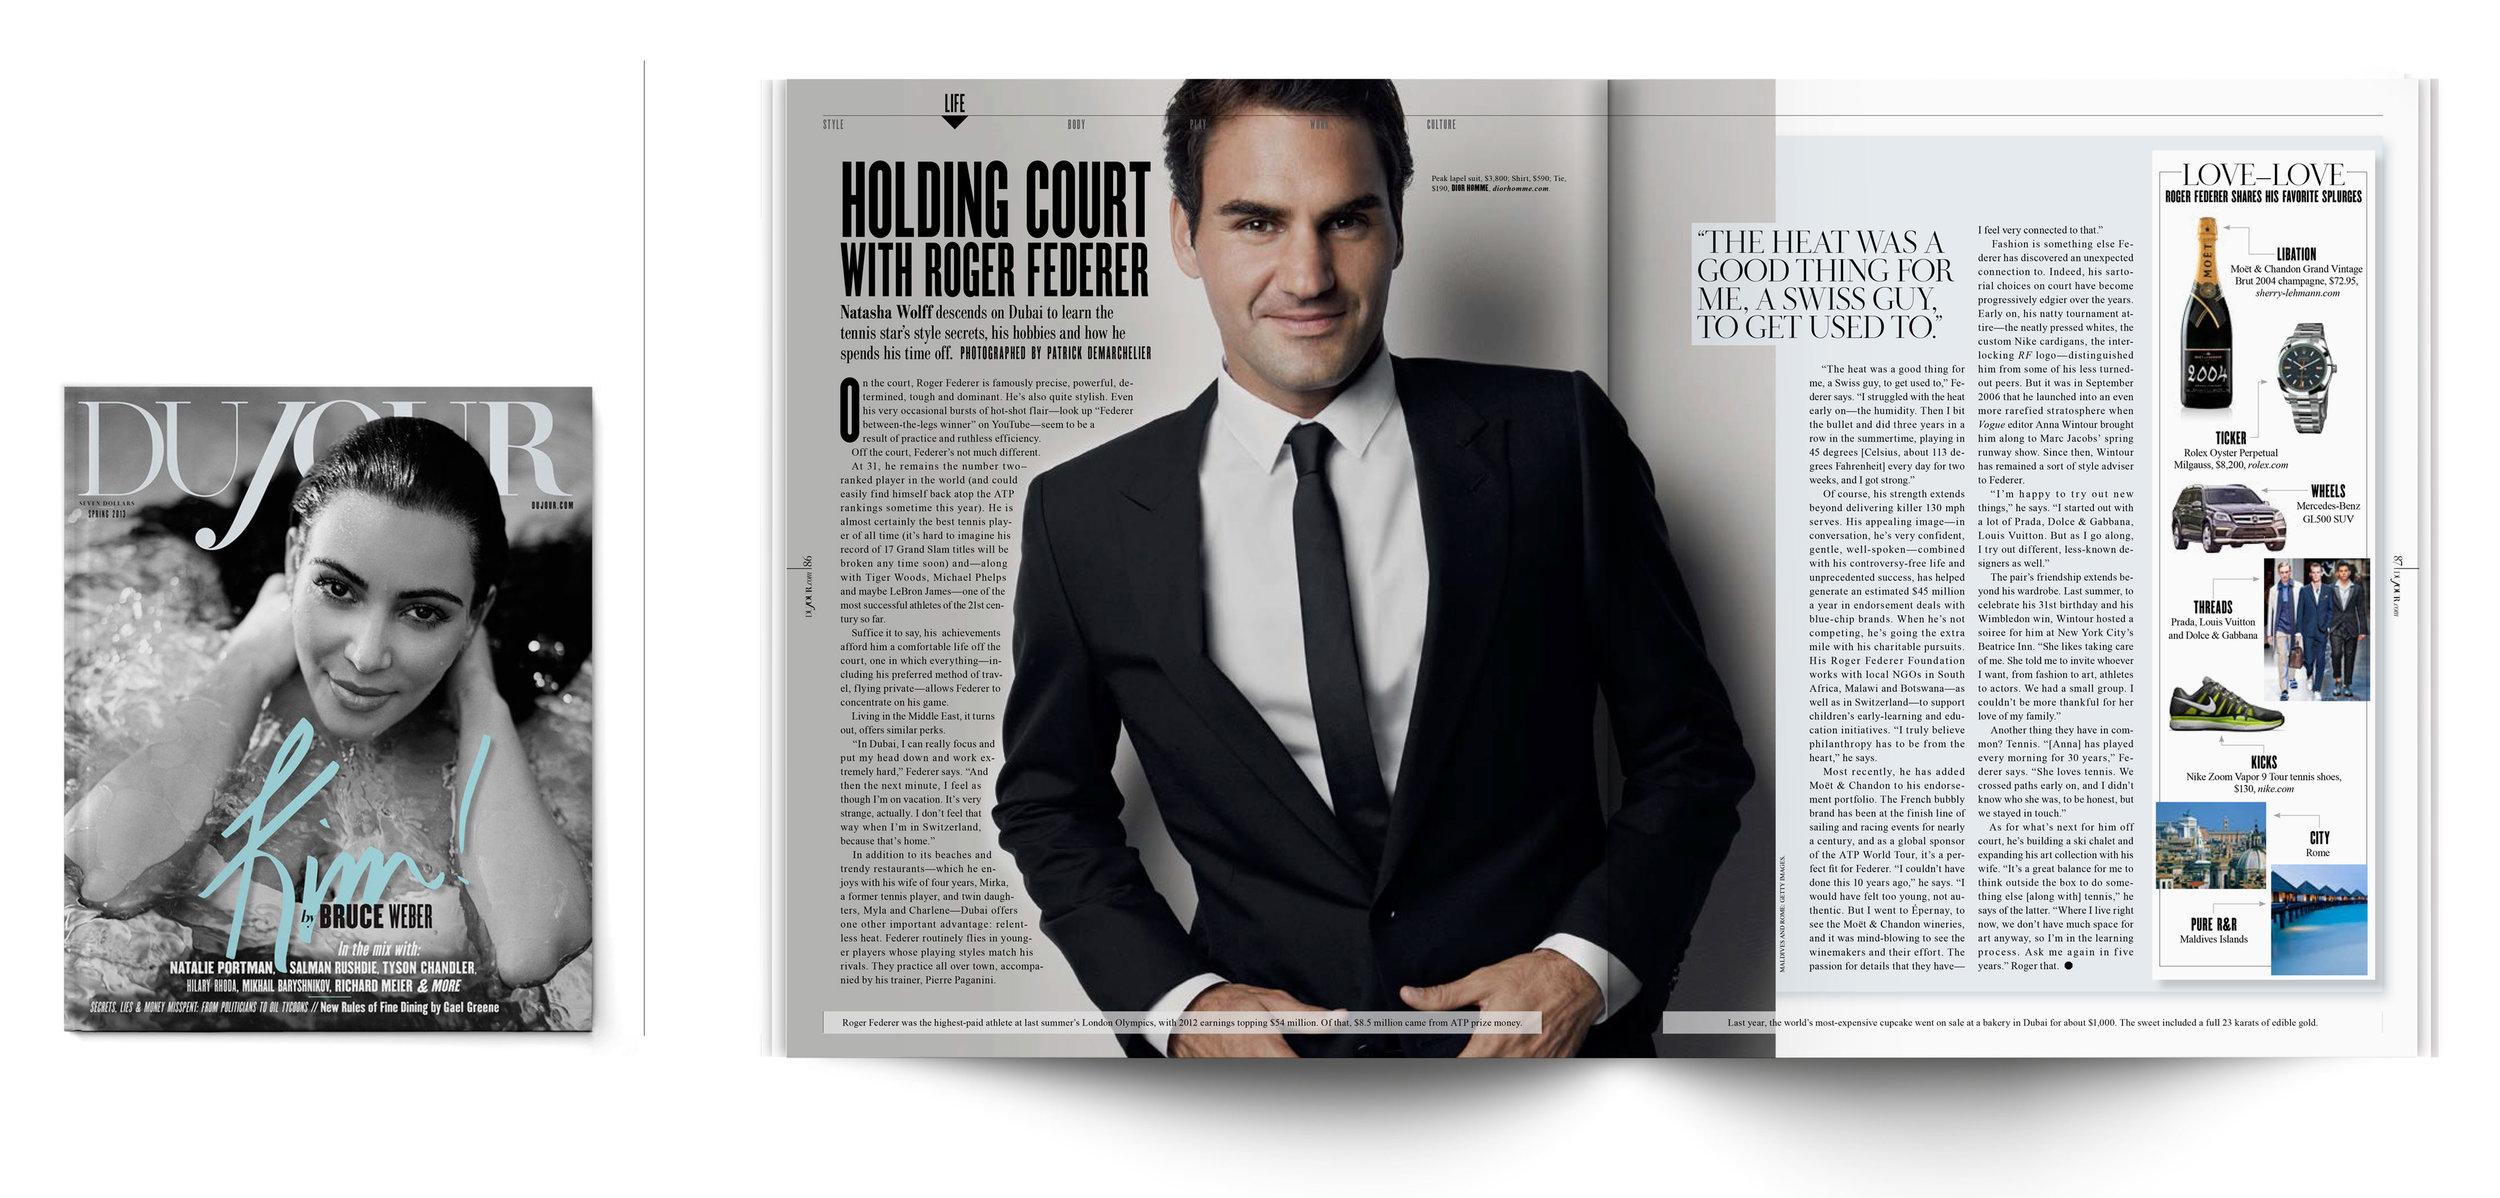 DuJour Magazine | Spring 2013  Holding Court with Roger Federer